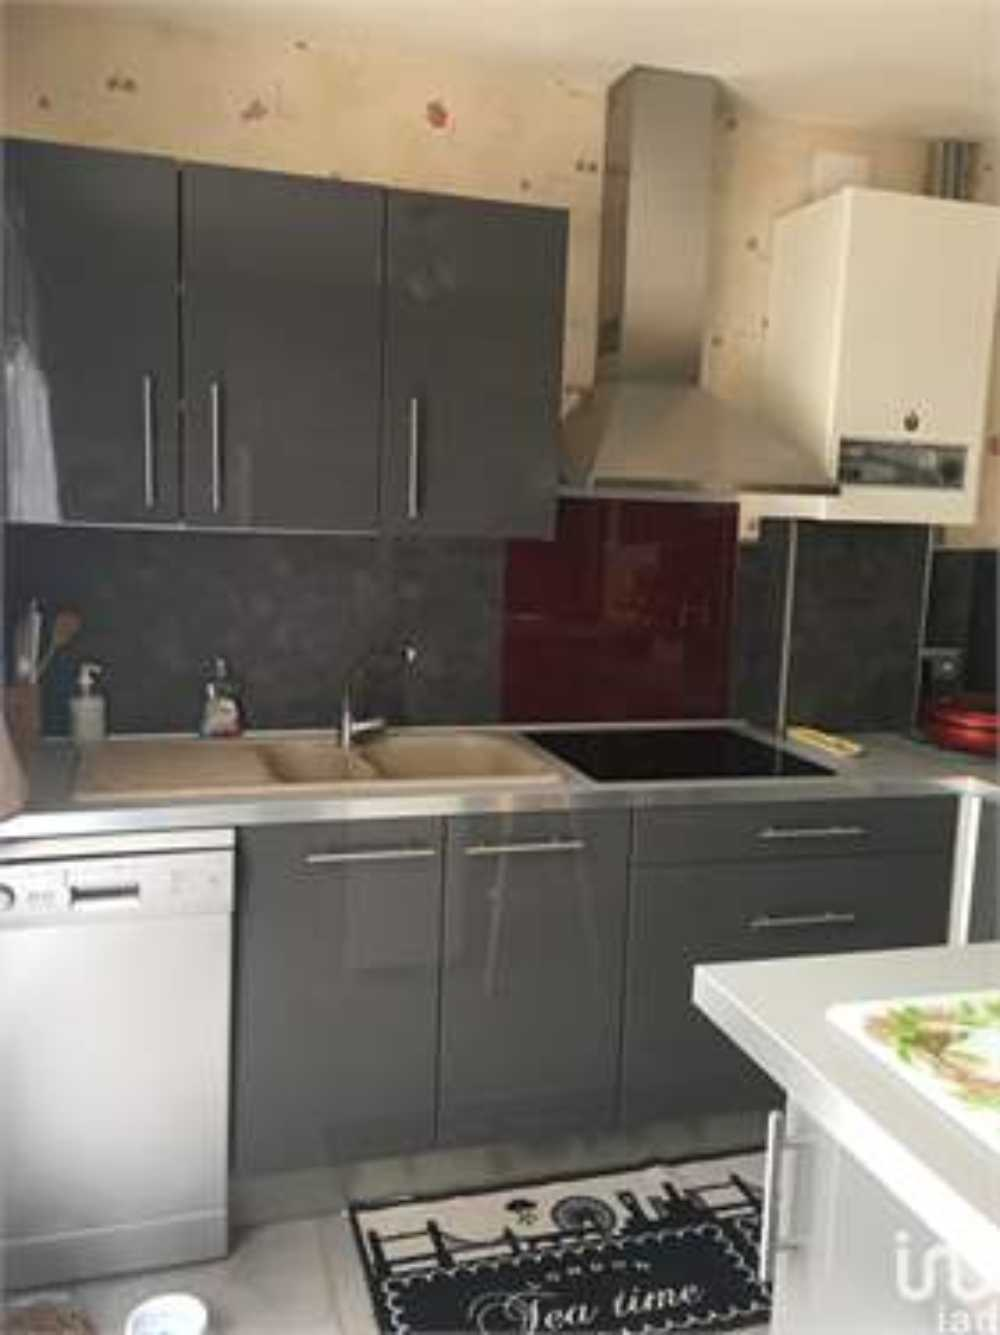 Mantes-la-Jolie Yvelines Apartment Bild 3844363